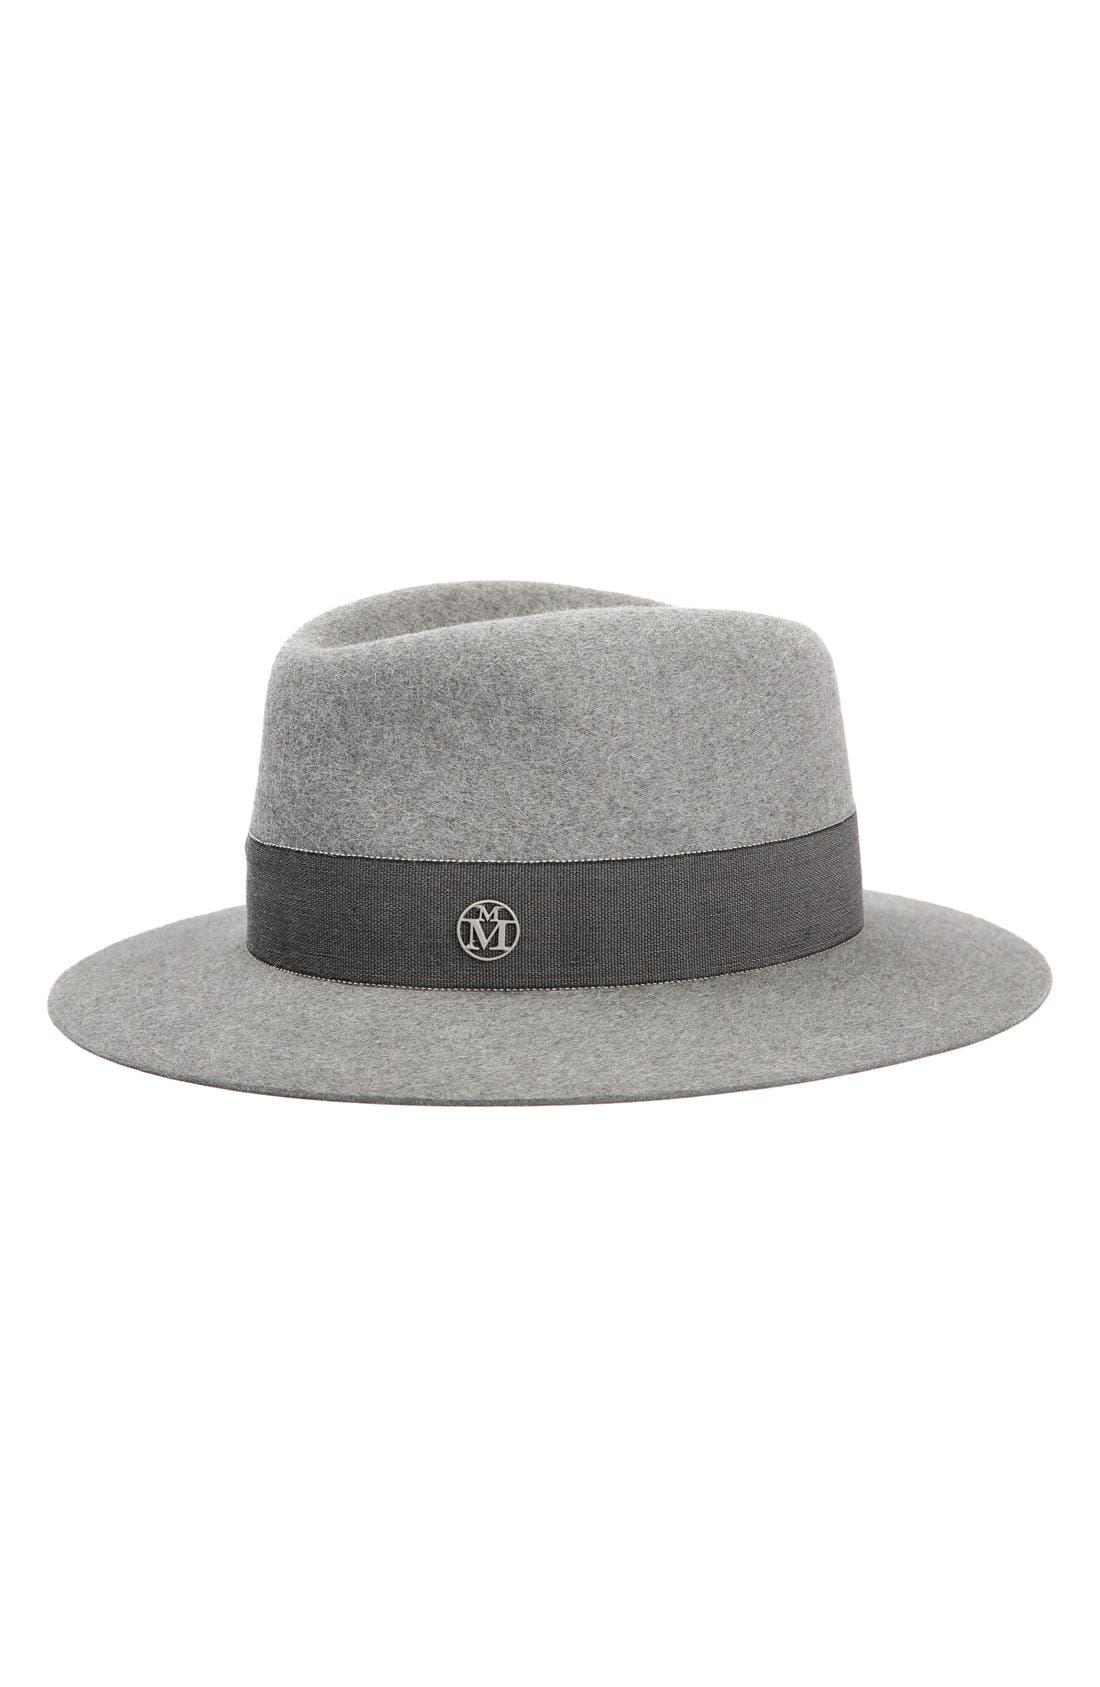 MAISON MICHEL 'Andre' Genuine Rabbit Fur Felt Hat